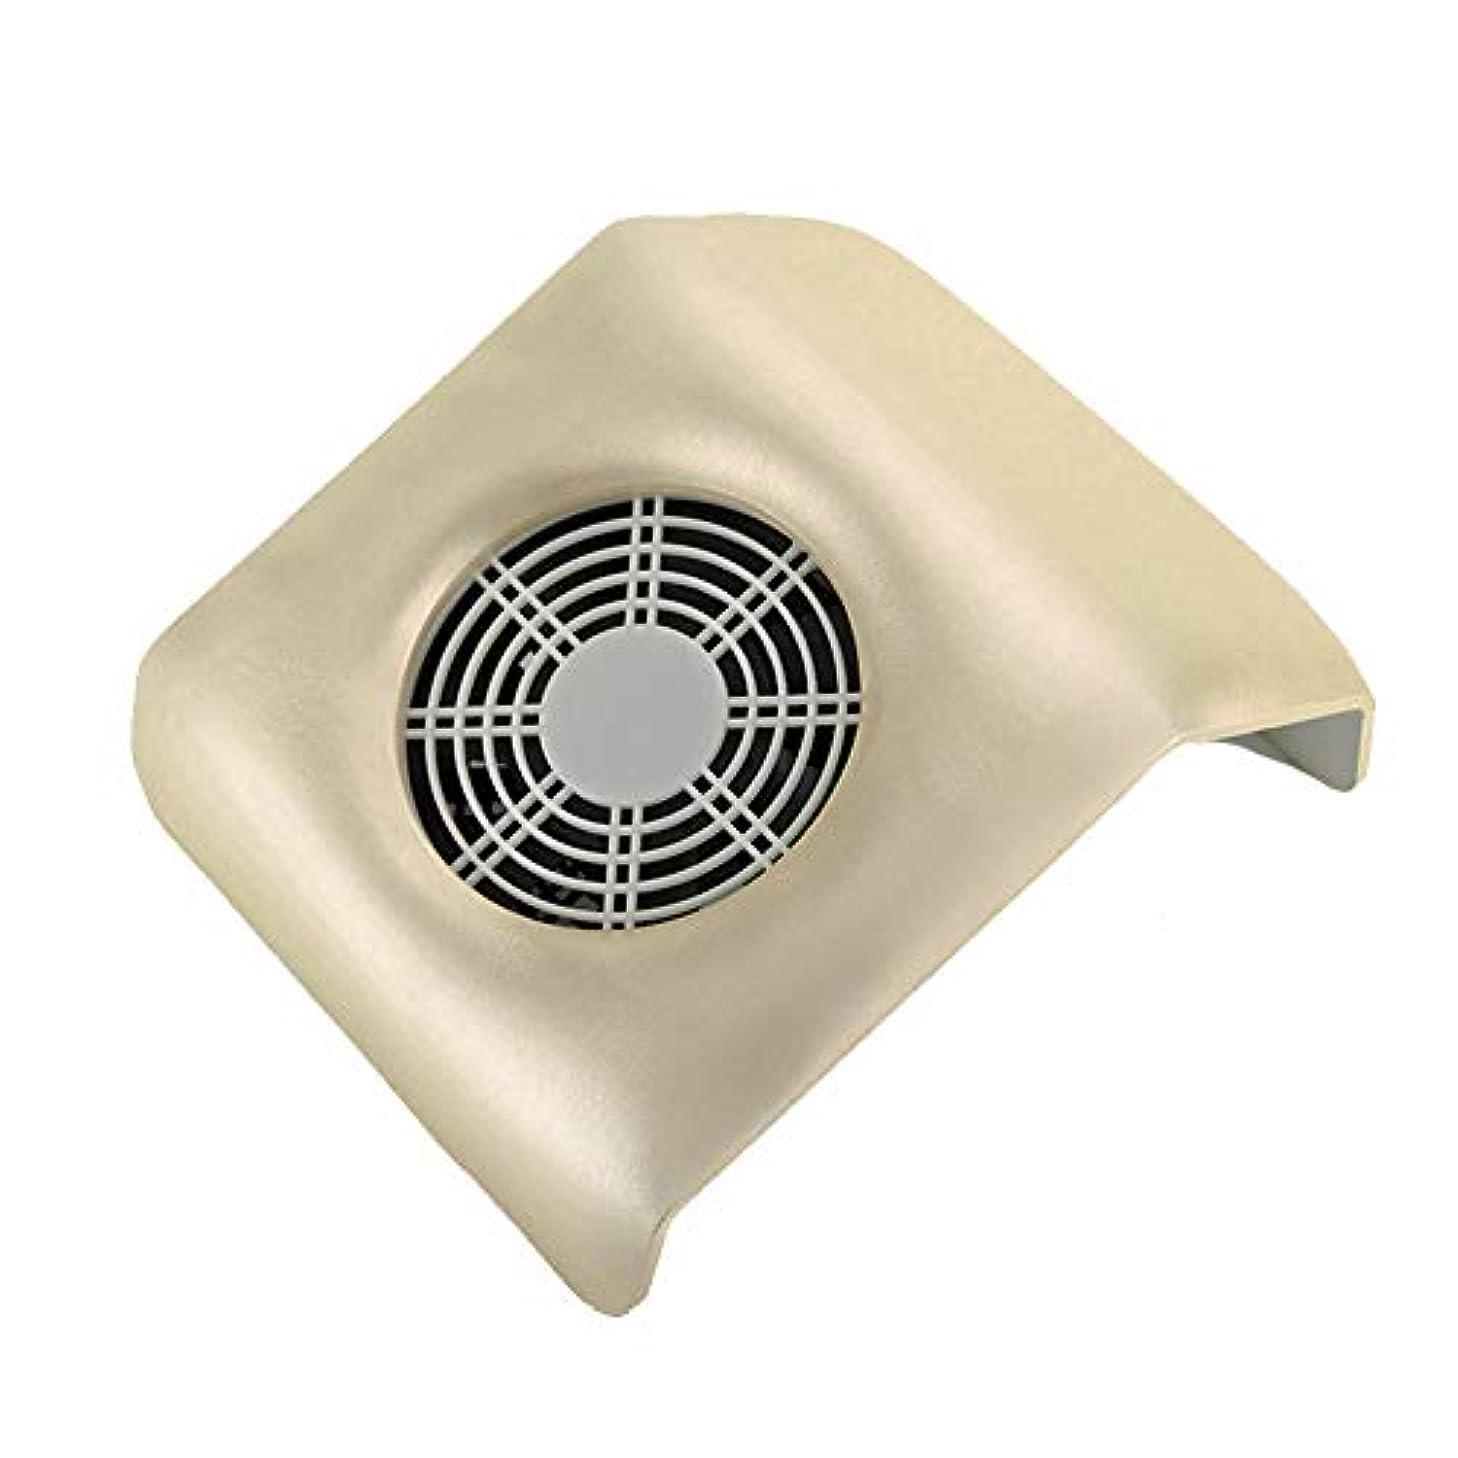 ネイル 集塵機 ネイルアート掃除機 ネイルマシン ネイルダスト ダストクリーナー ネイル機器 集塵バッグ付き 金色